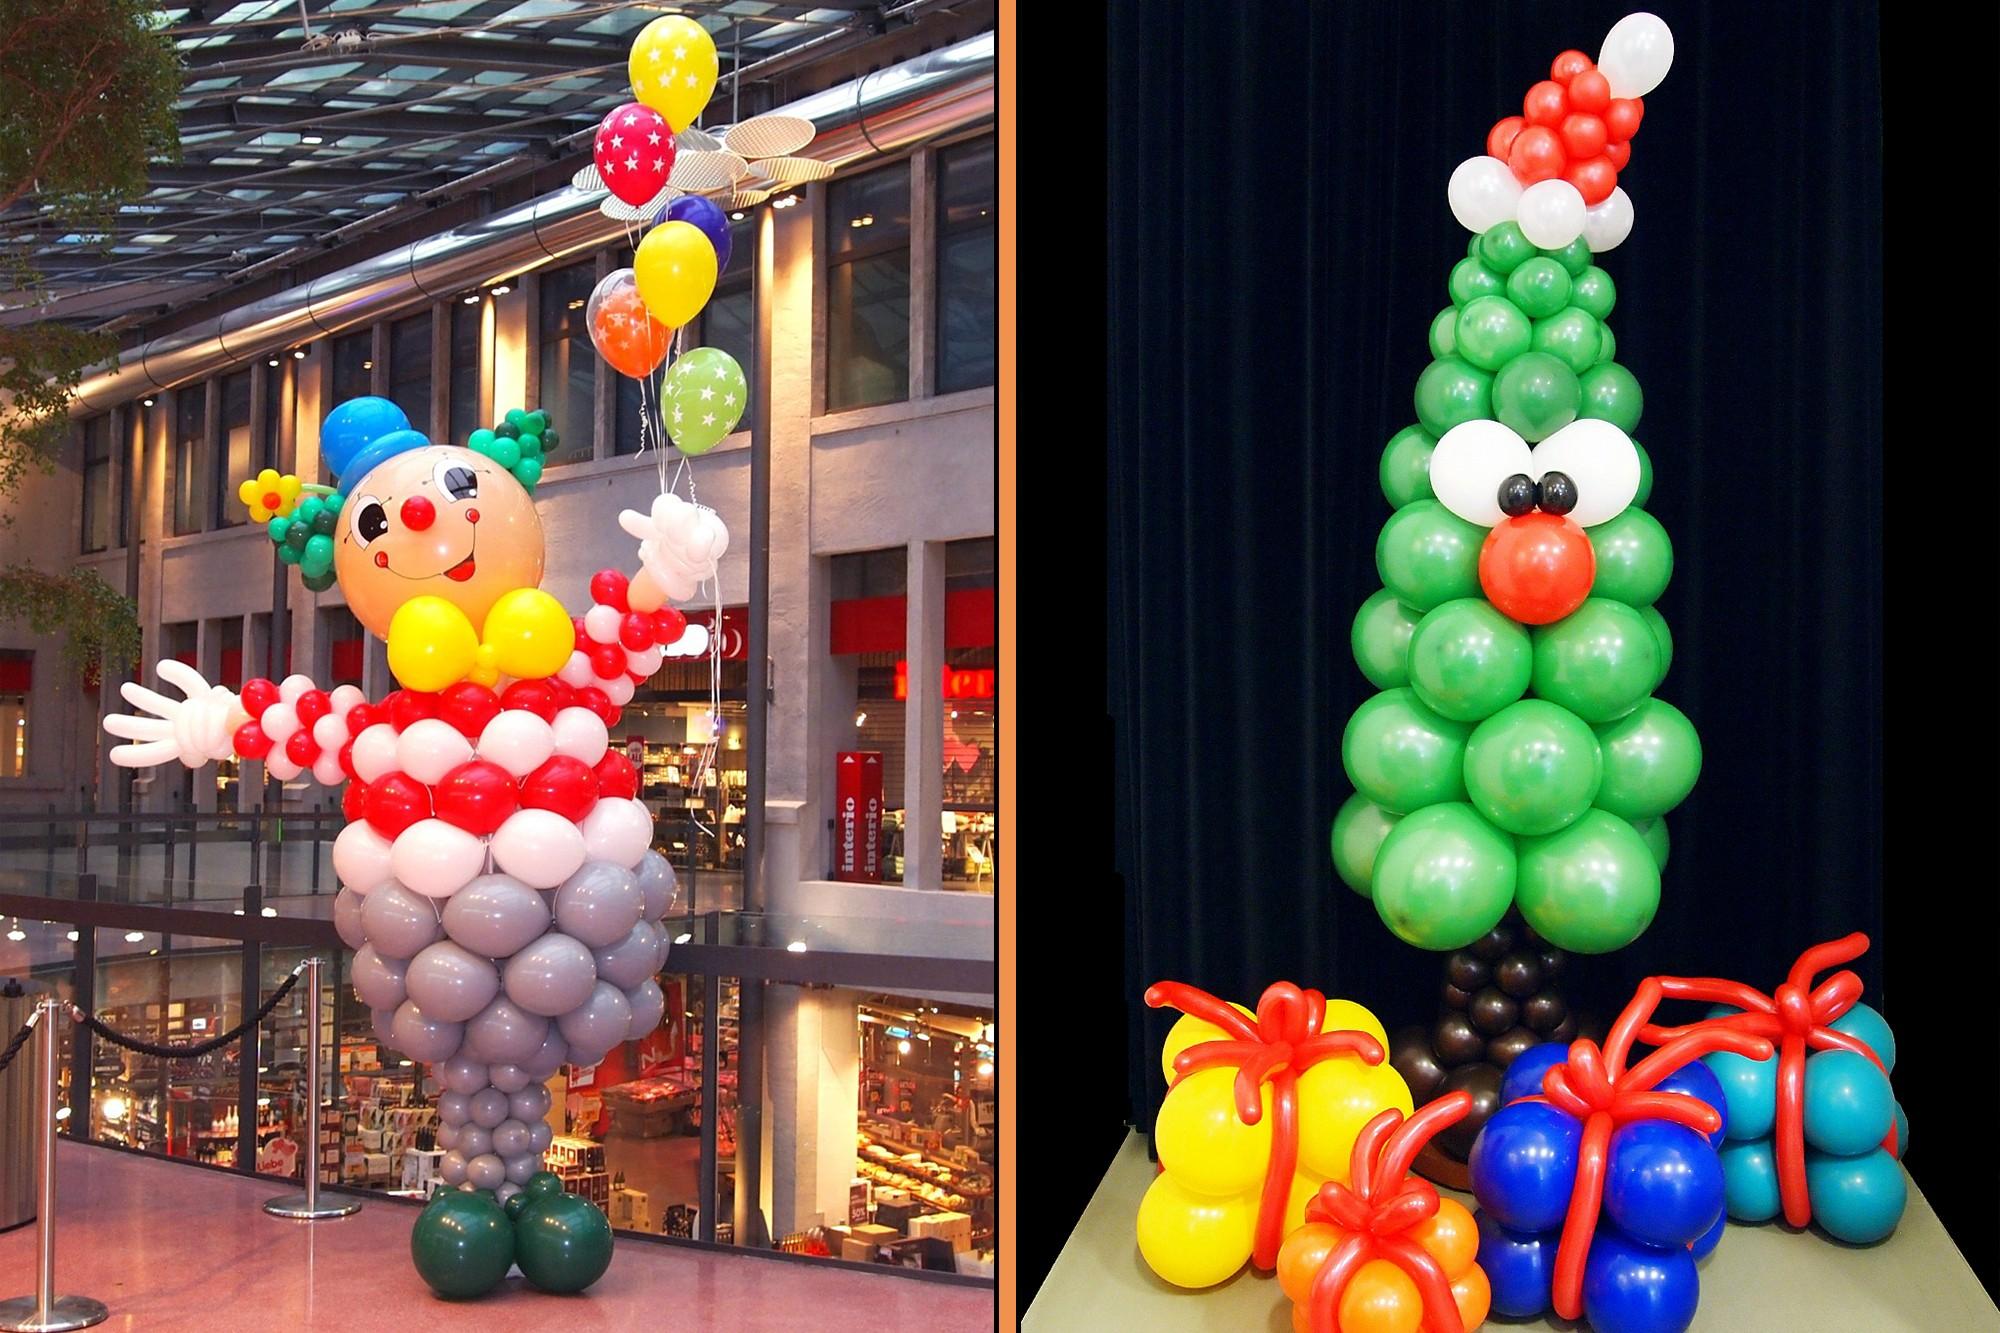 Ballonskulptur Clown in einem Einkaufzentrum